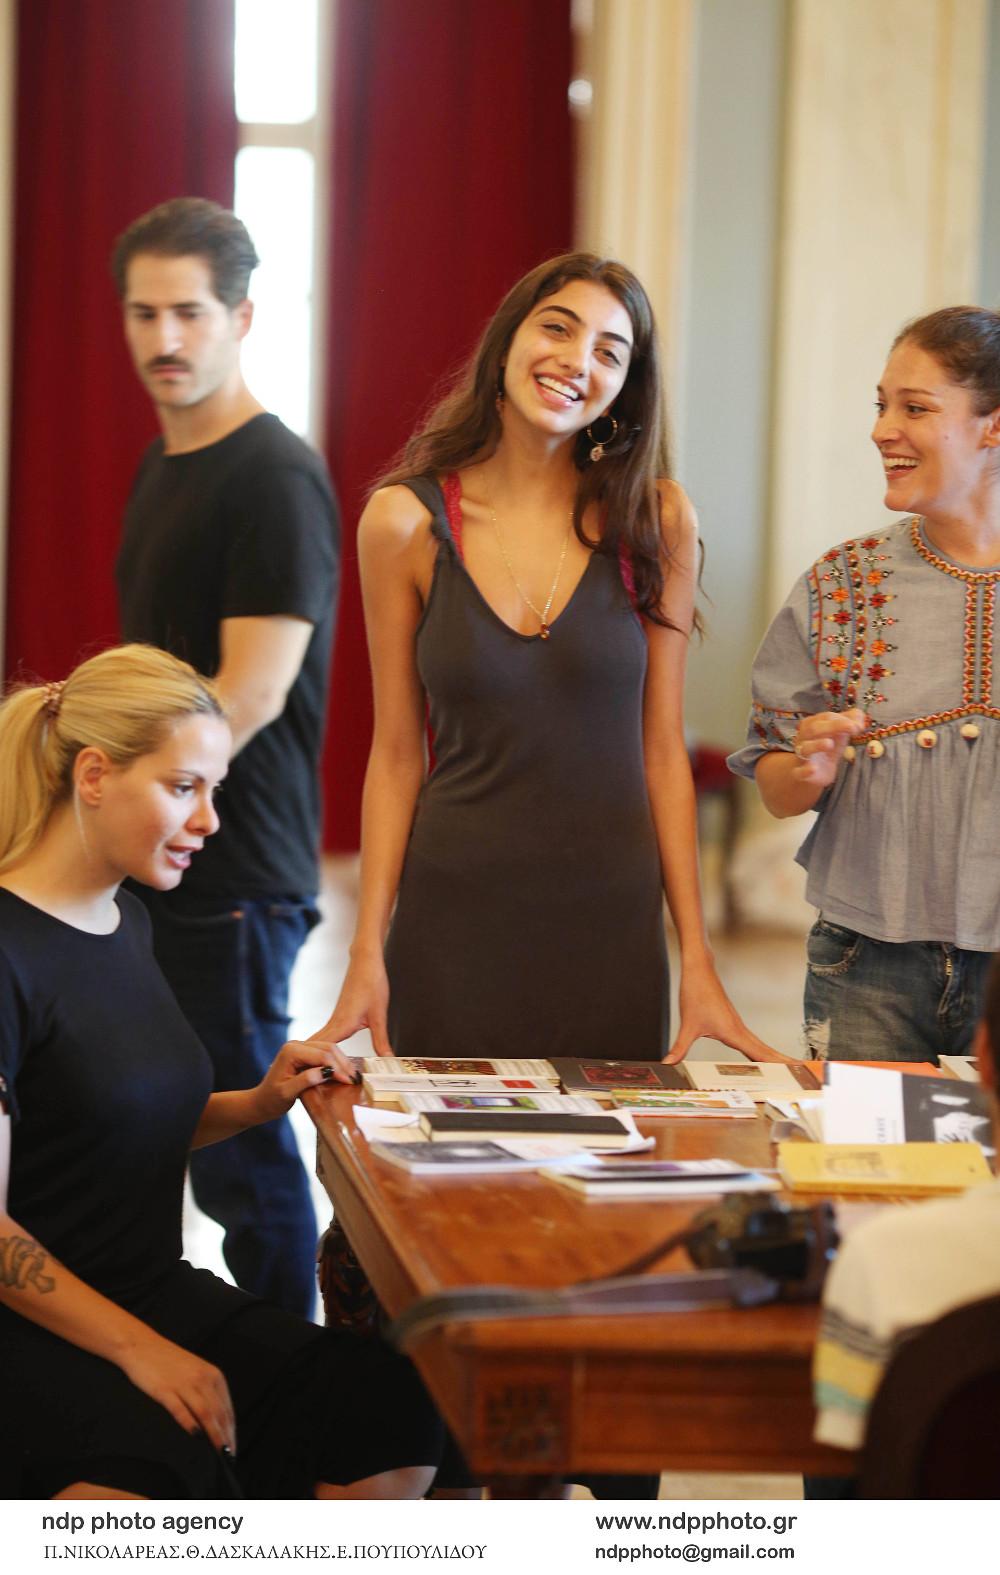 Η Ειρήνη Καζαριάν στις πρόβες της θεατρικής παράστασης που θα συμμετάσχει